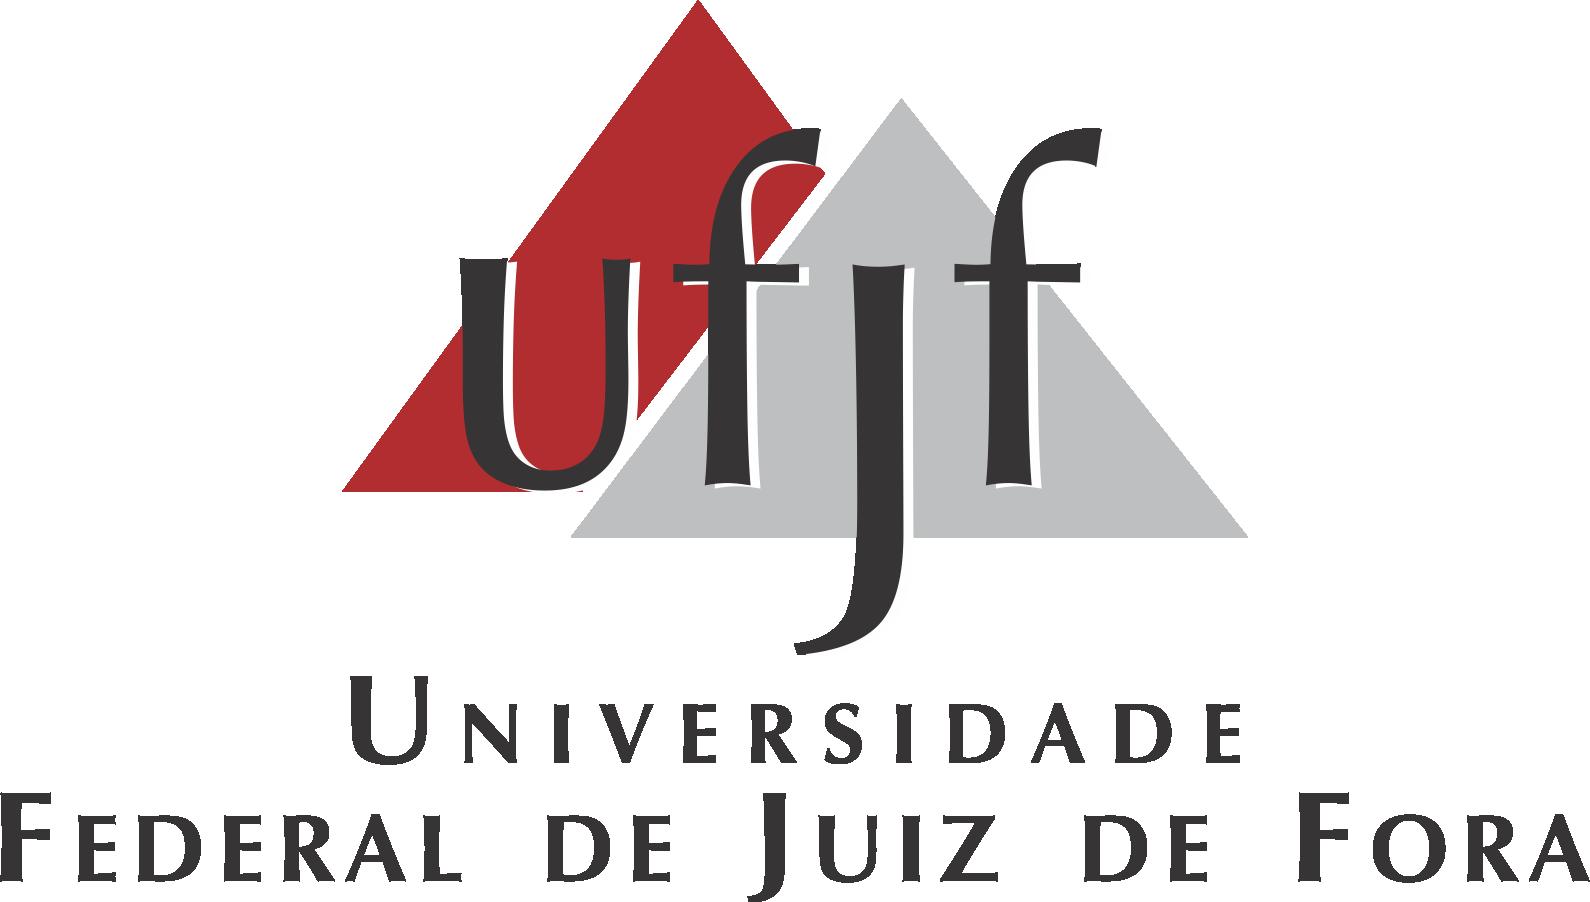 Concurso Universidade Federal (UFJF)